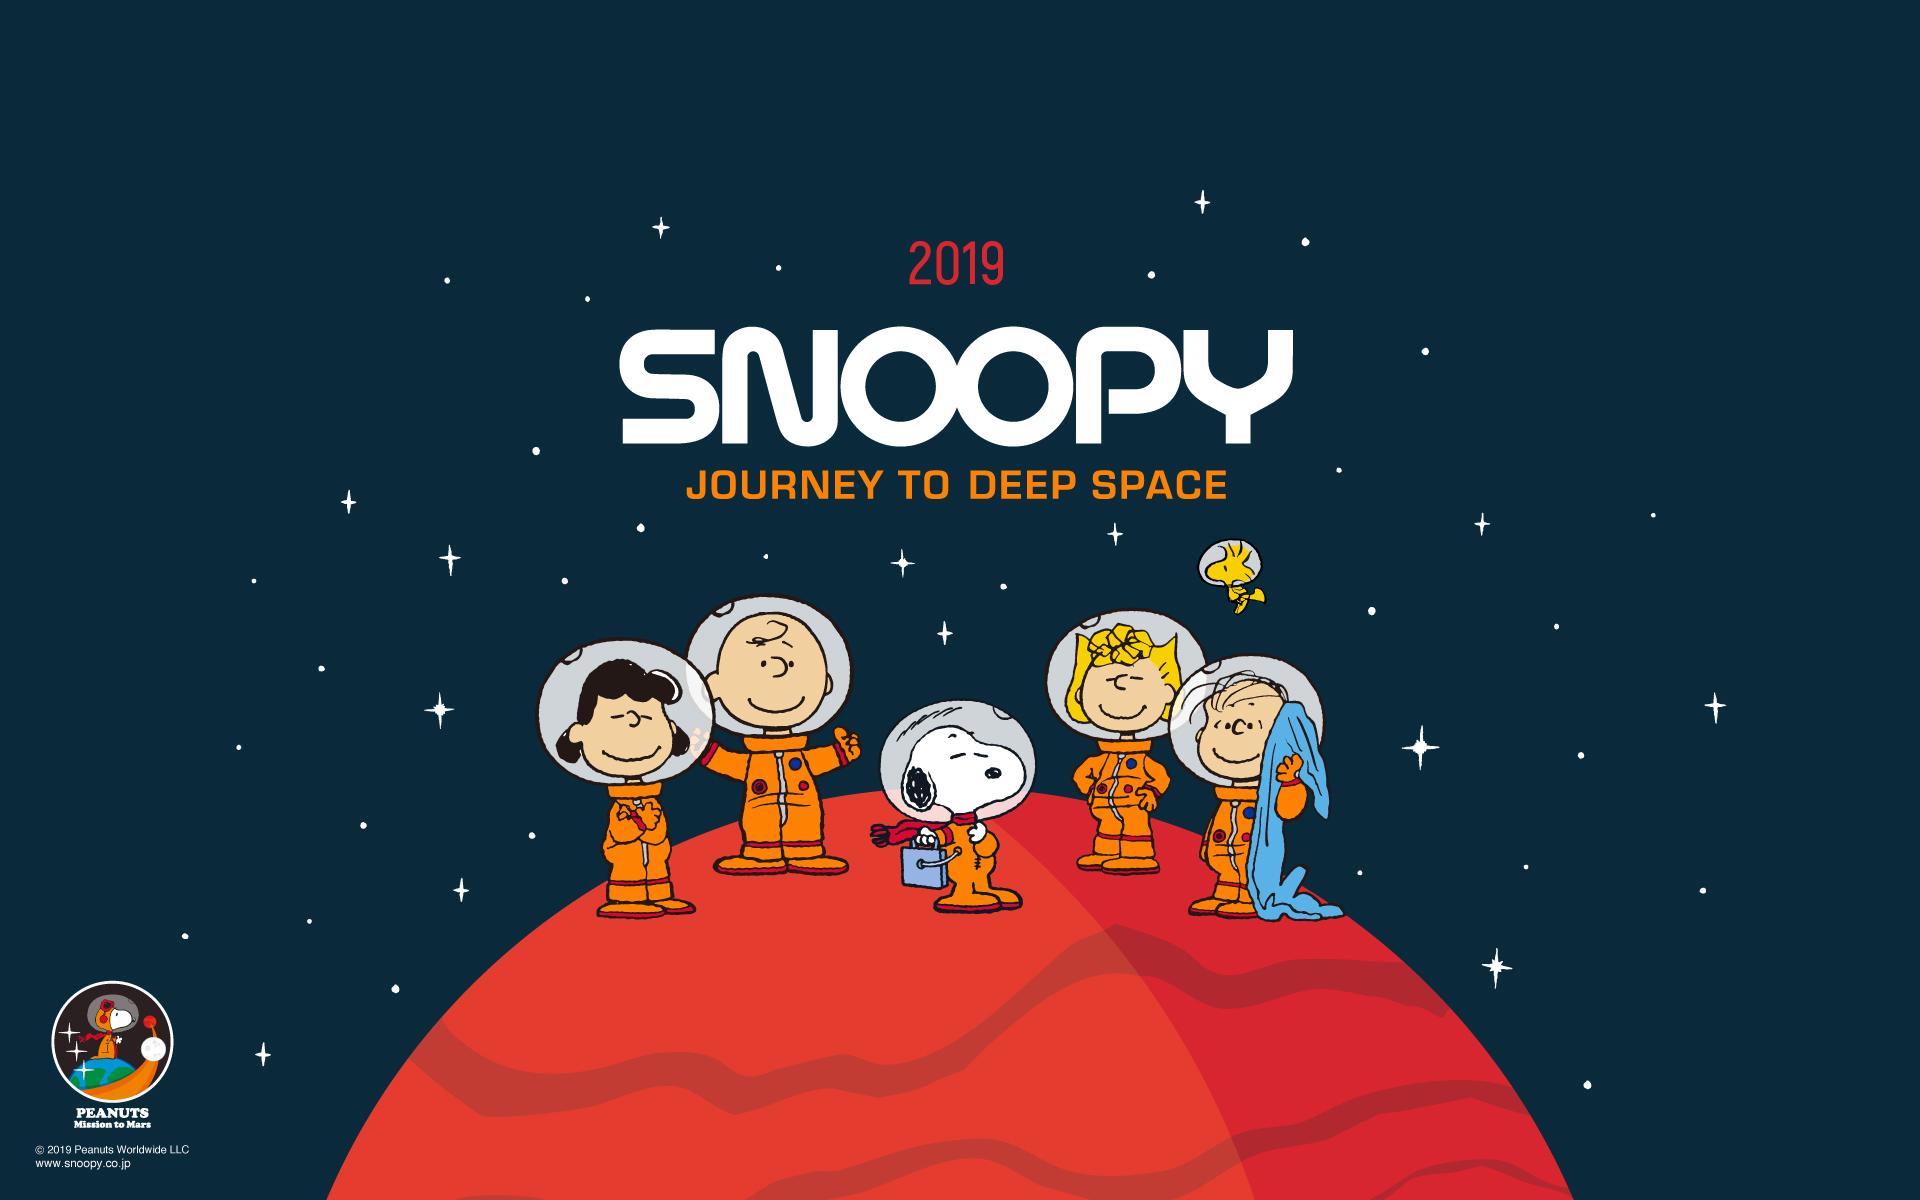 7月の壁紙はアストロノーツ Column Snoopy Co Jp 日本のスヌーピー公式サイト